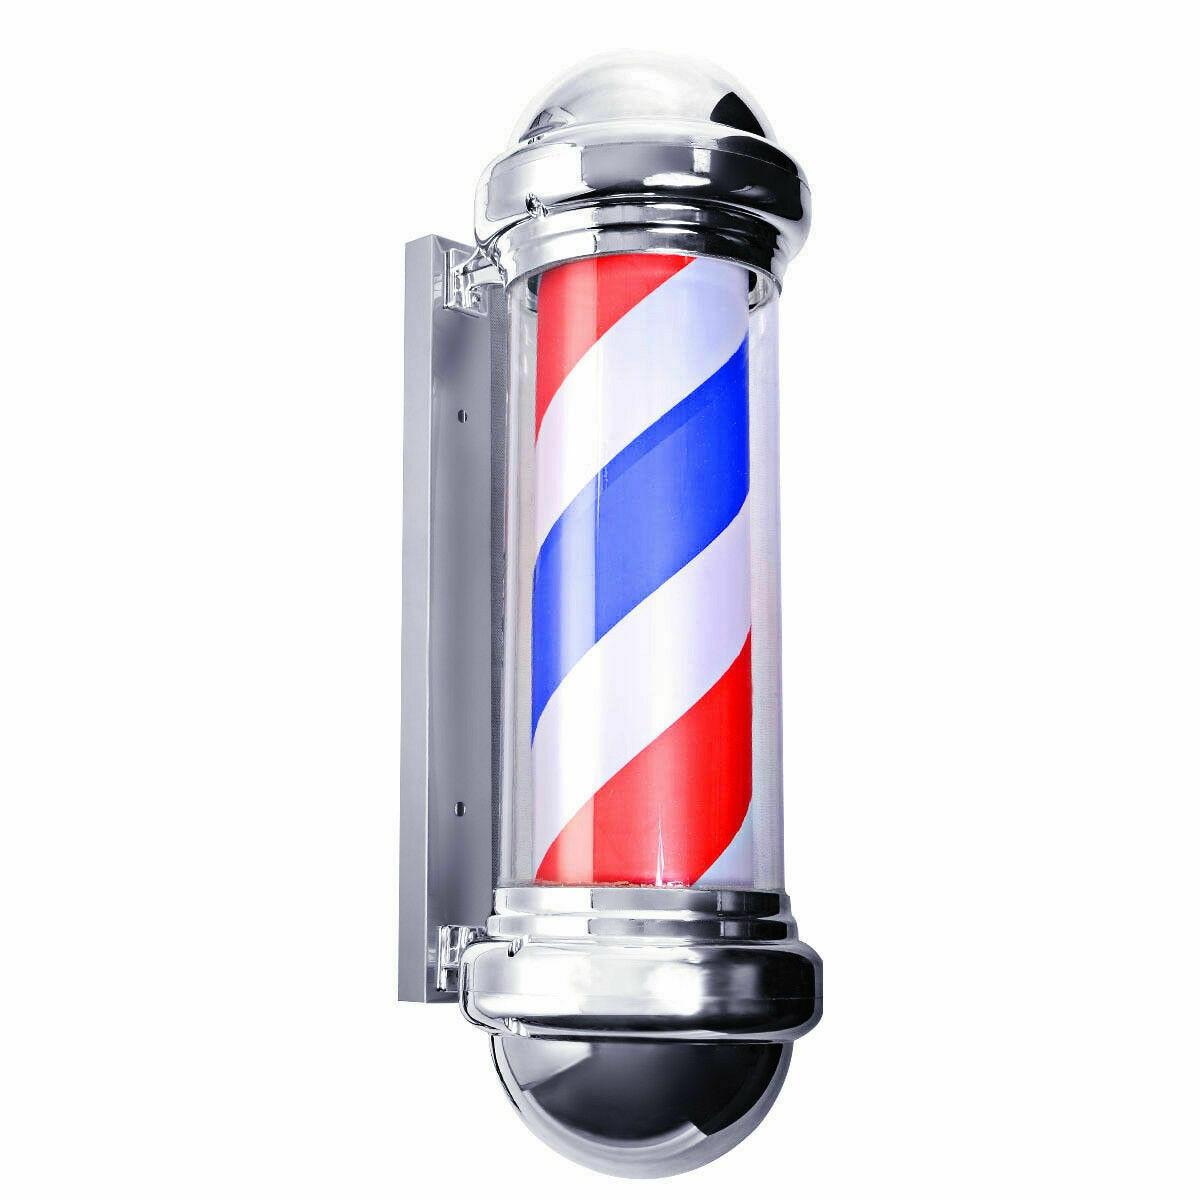 60/75cm pôle de barbier éclairage rotatif équipement de Salon de beauté Salon de coiffure signe tenture murale LED Downlights rouge blanc bleu rayure - 3